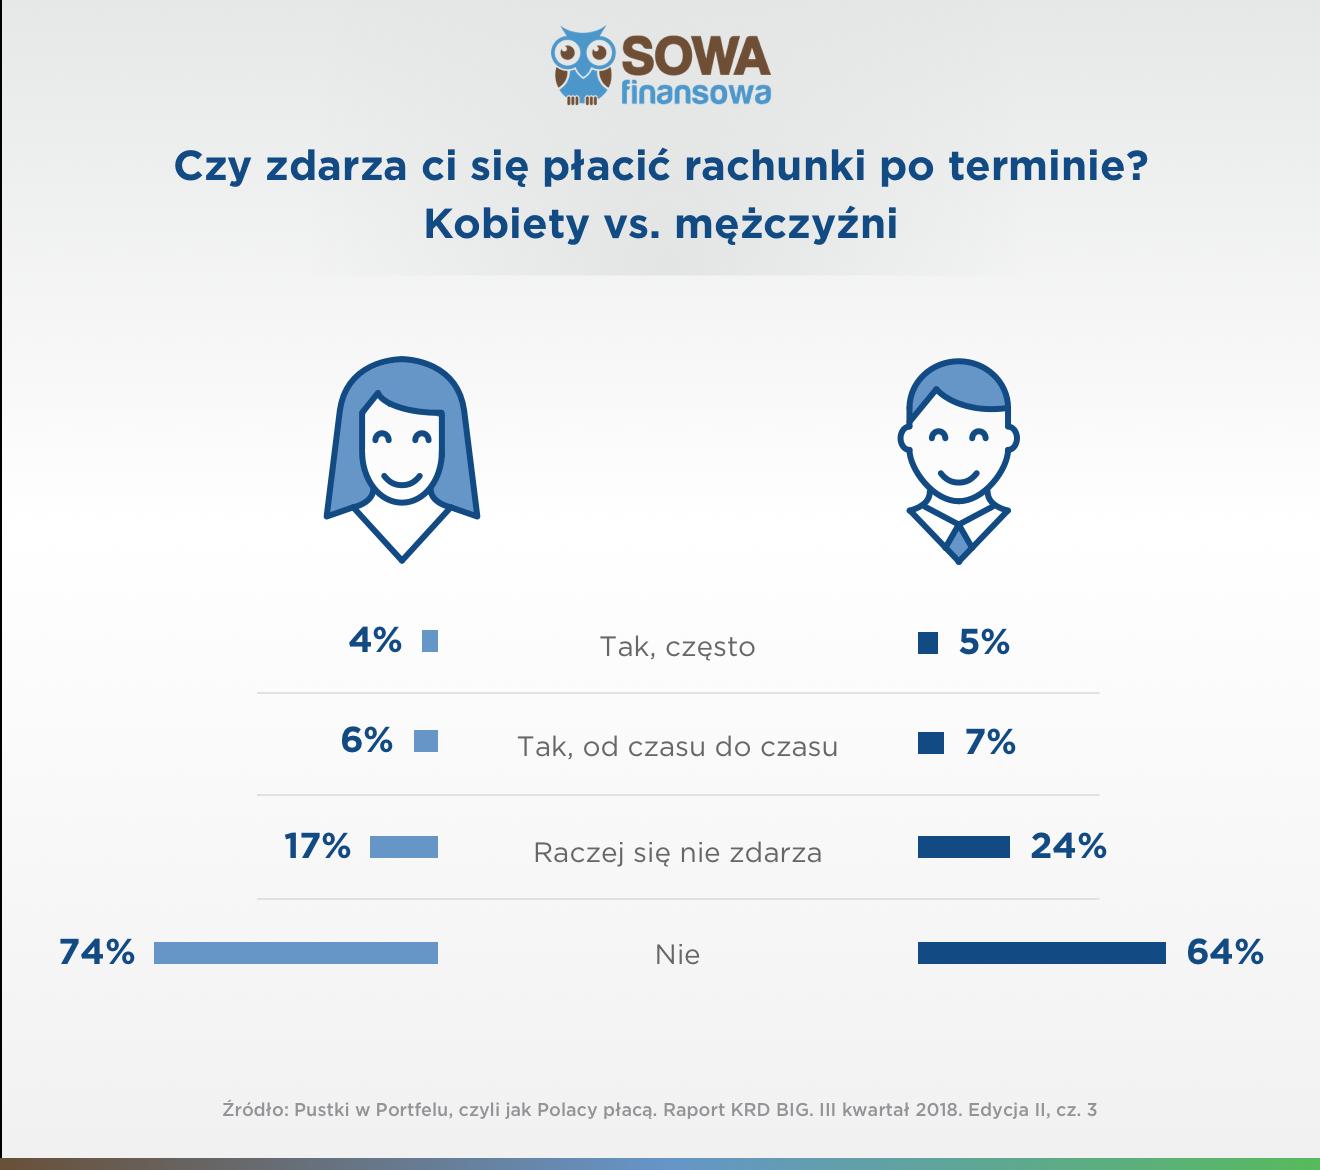 grafika porównująca kobiety i męzczyzn